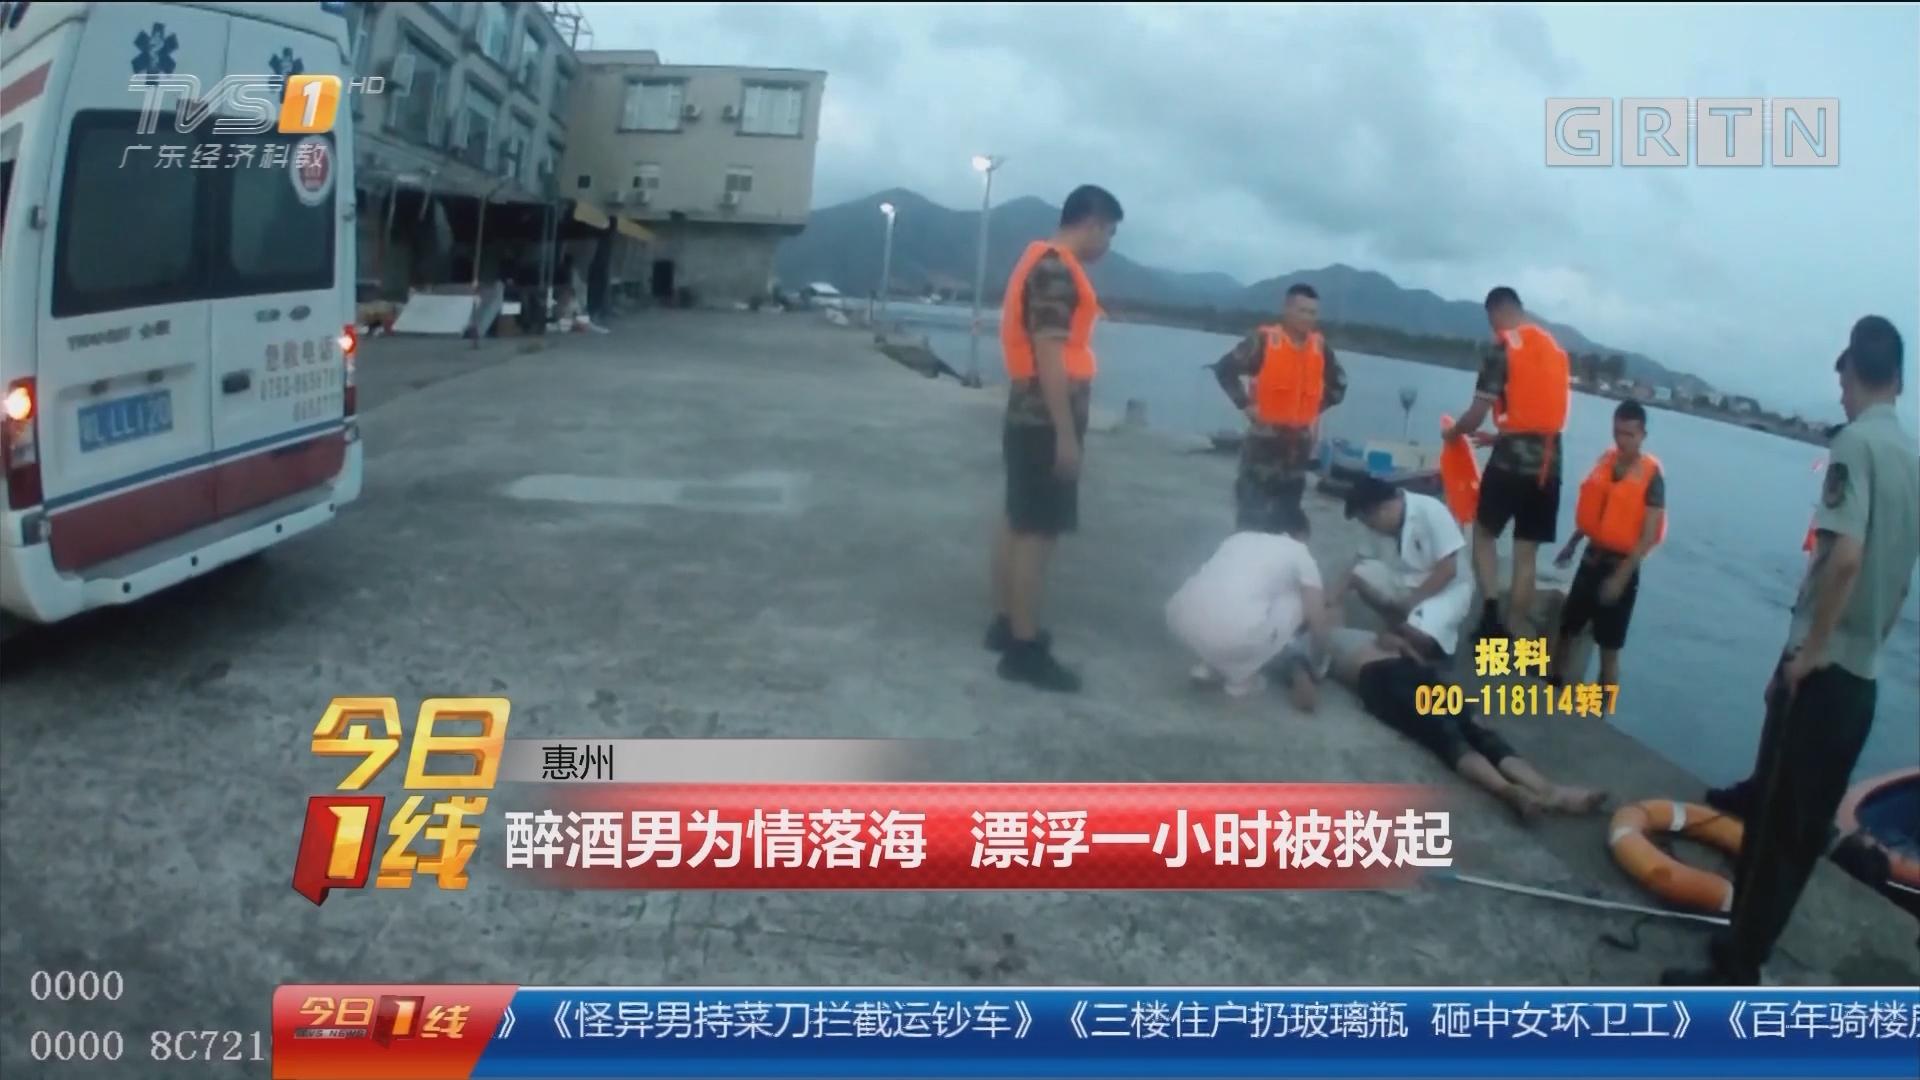 惠州:醉酒男为情落海 漂浮一小时被救起